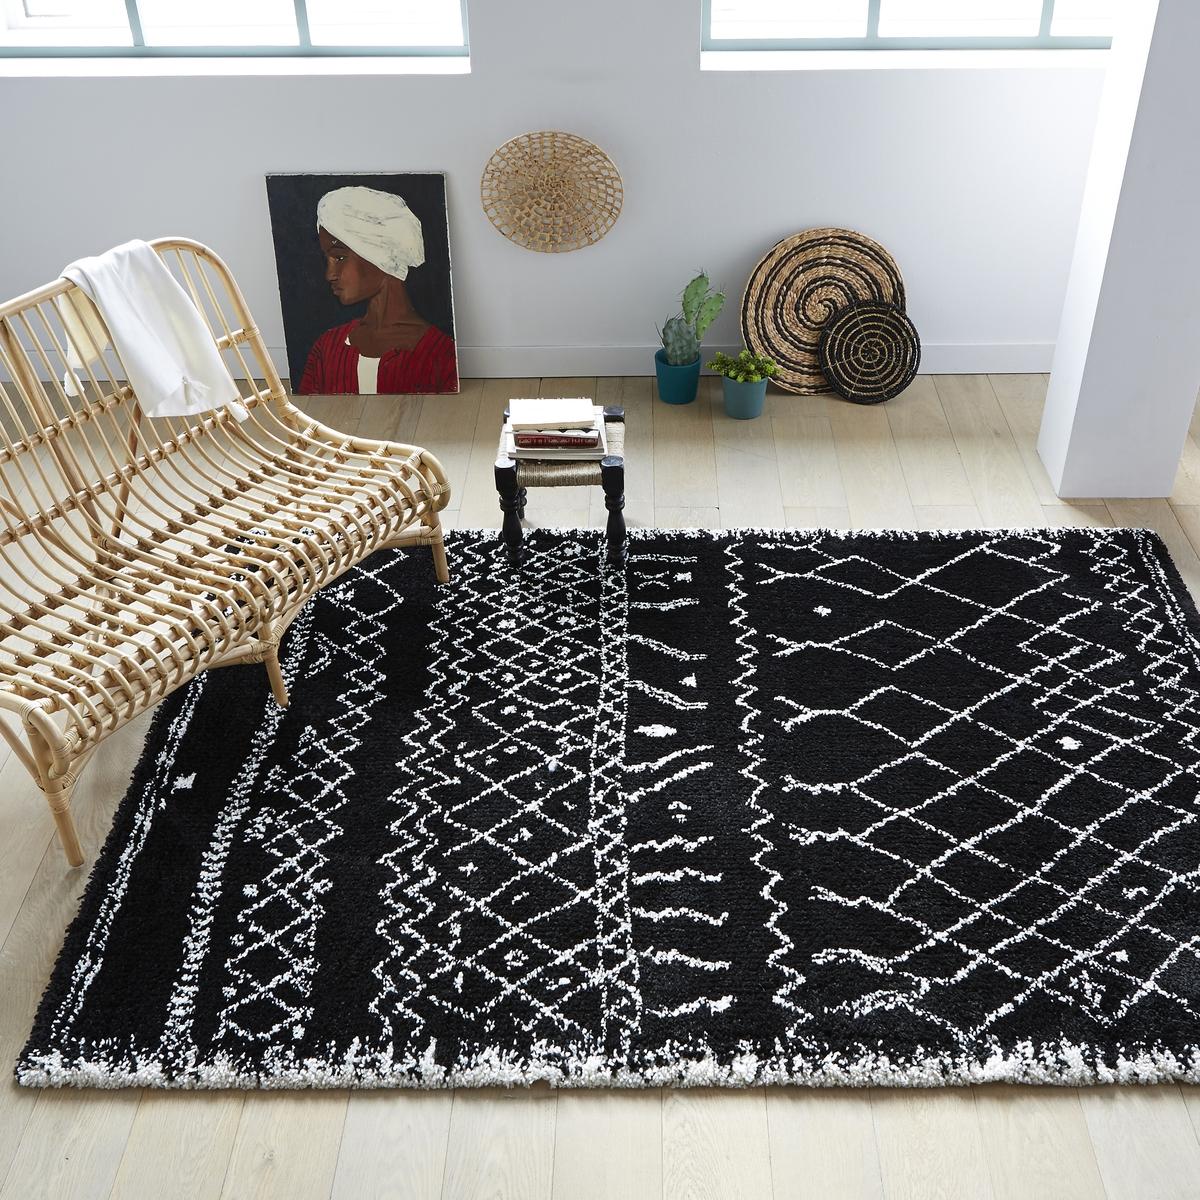 Ковер La Redoute В берберском стиле 3 размера Afaw 160 x 230 см черный ковер la redoute в берберском стиле kaylon 120 x 170 см каштановый